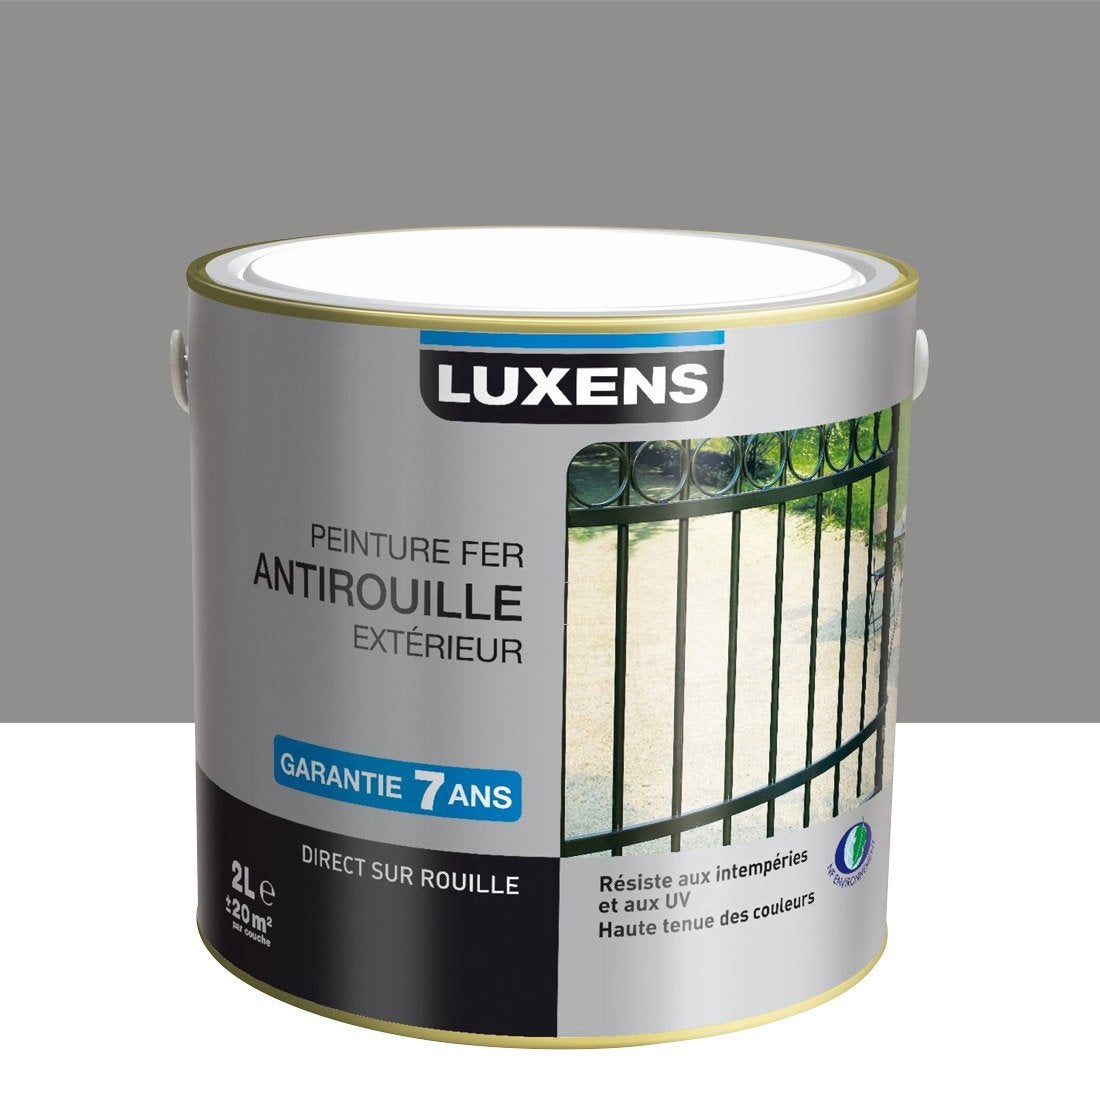 Peinture fer ext rieur antirouille luxens gris galet n 3 2 l leroy merlin - Leroy merlin peinture fer ...